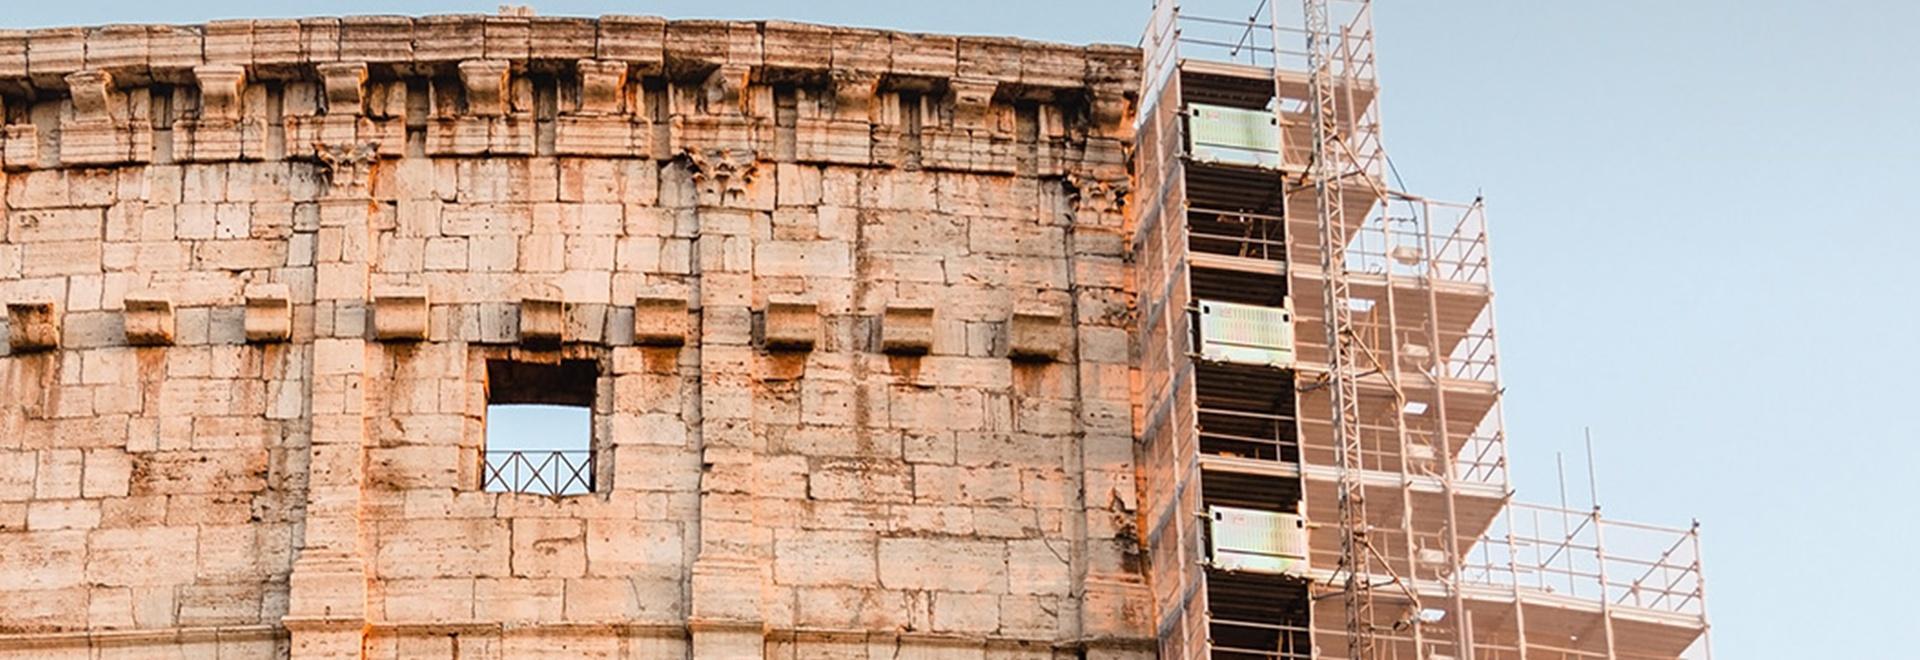 La rinascita del Colosseo